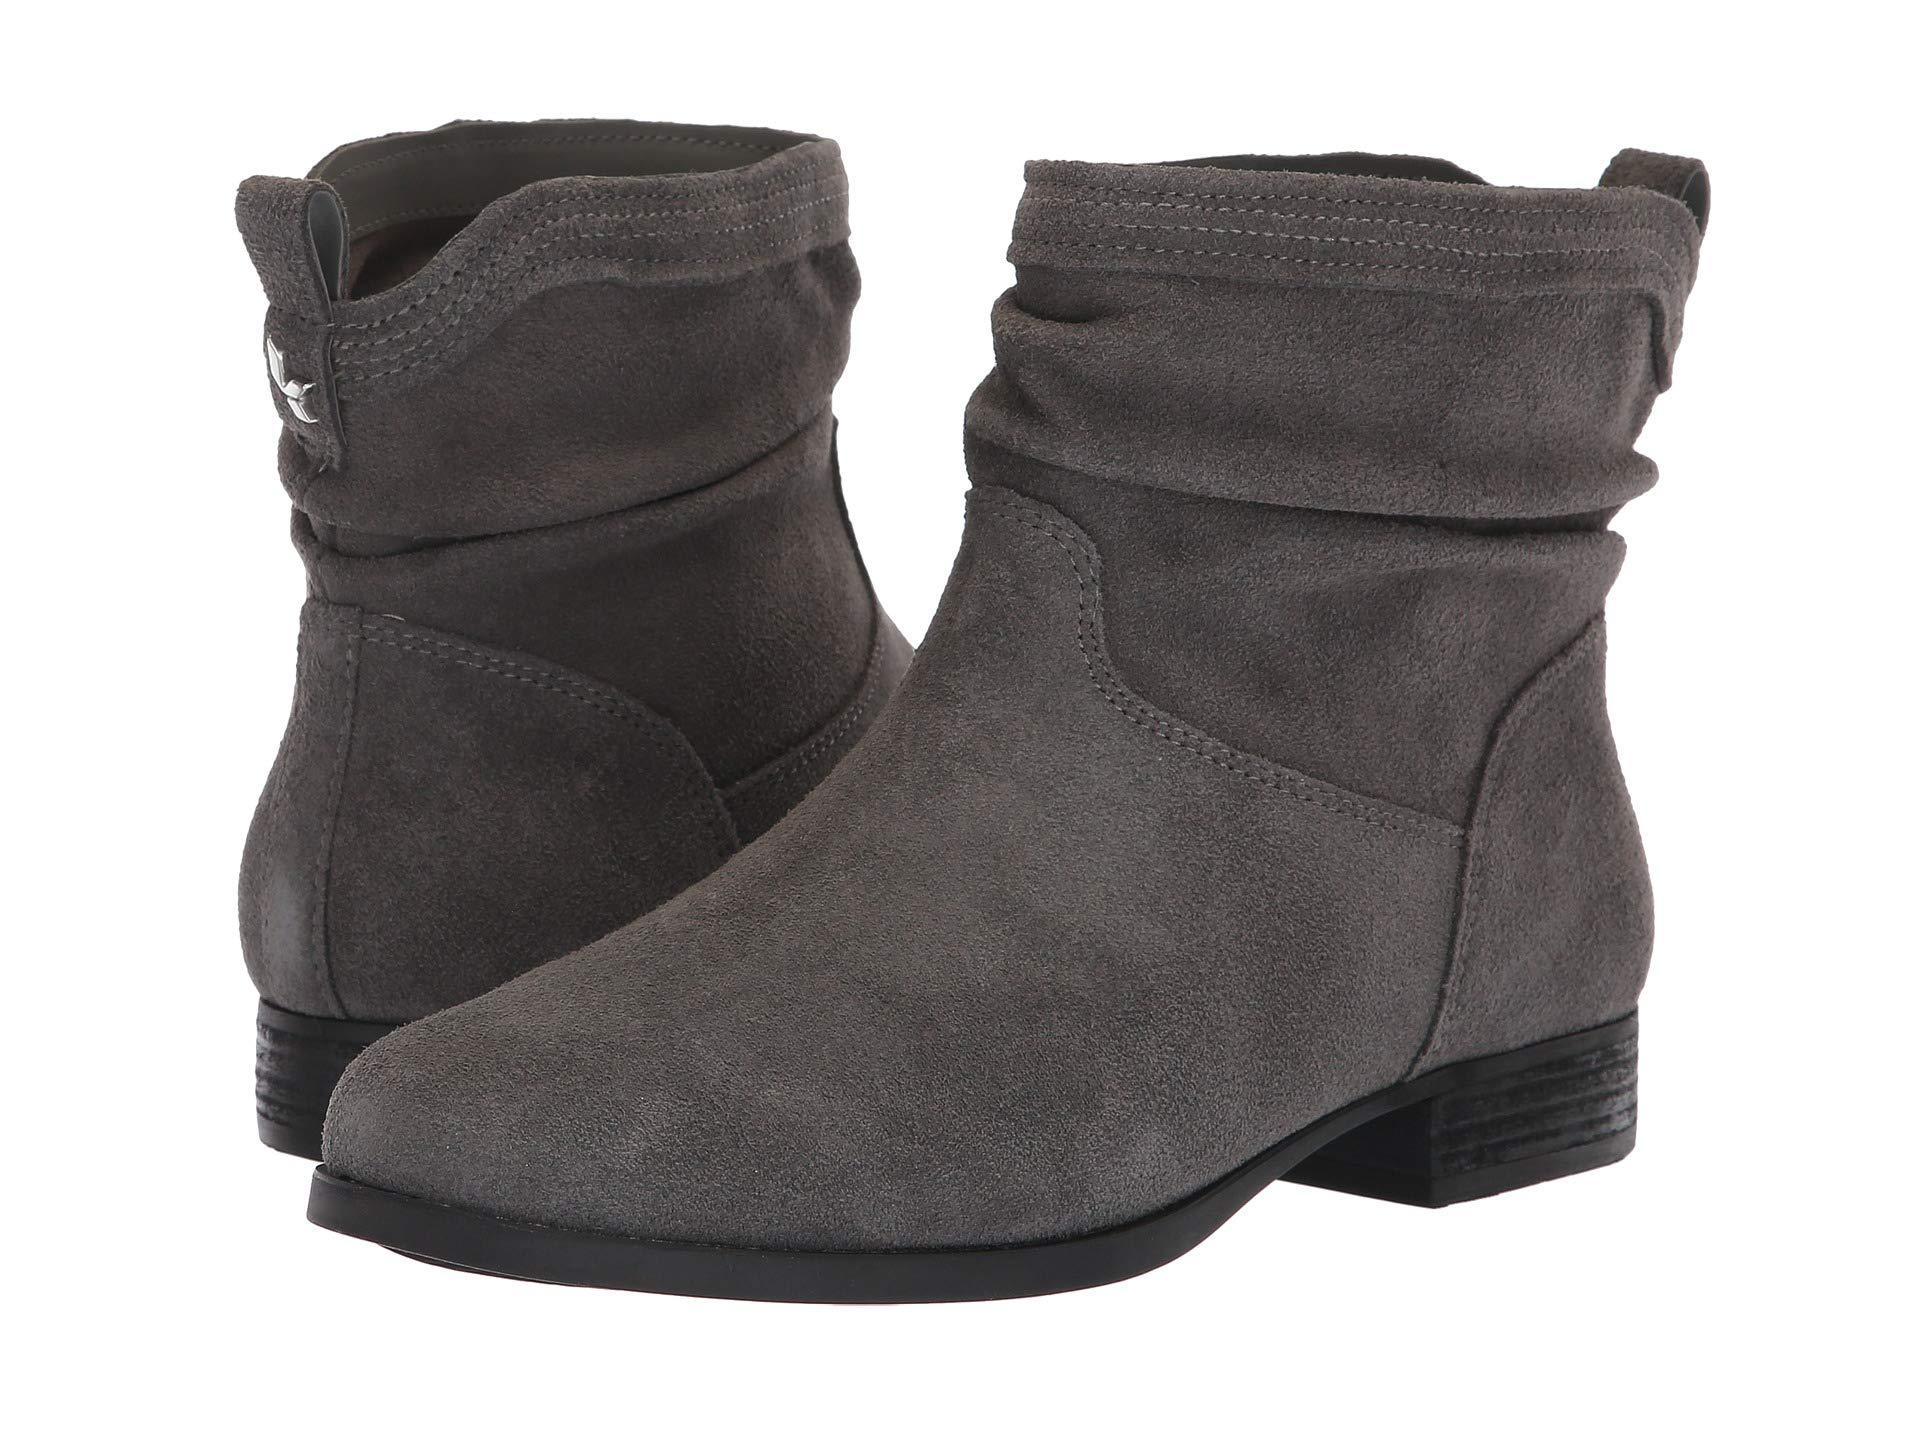 948c65577db Lyst - UGG Lorelei (cinder) Women's Boots in Black